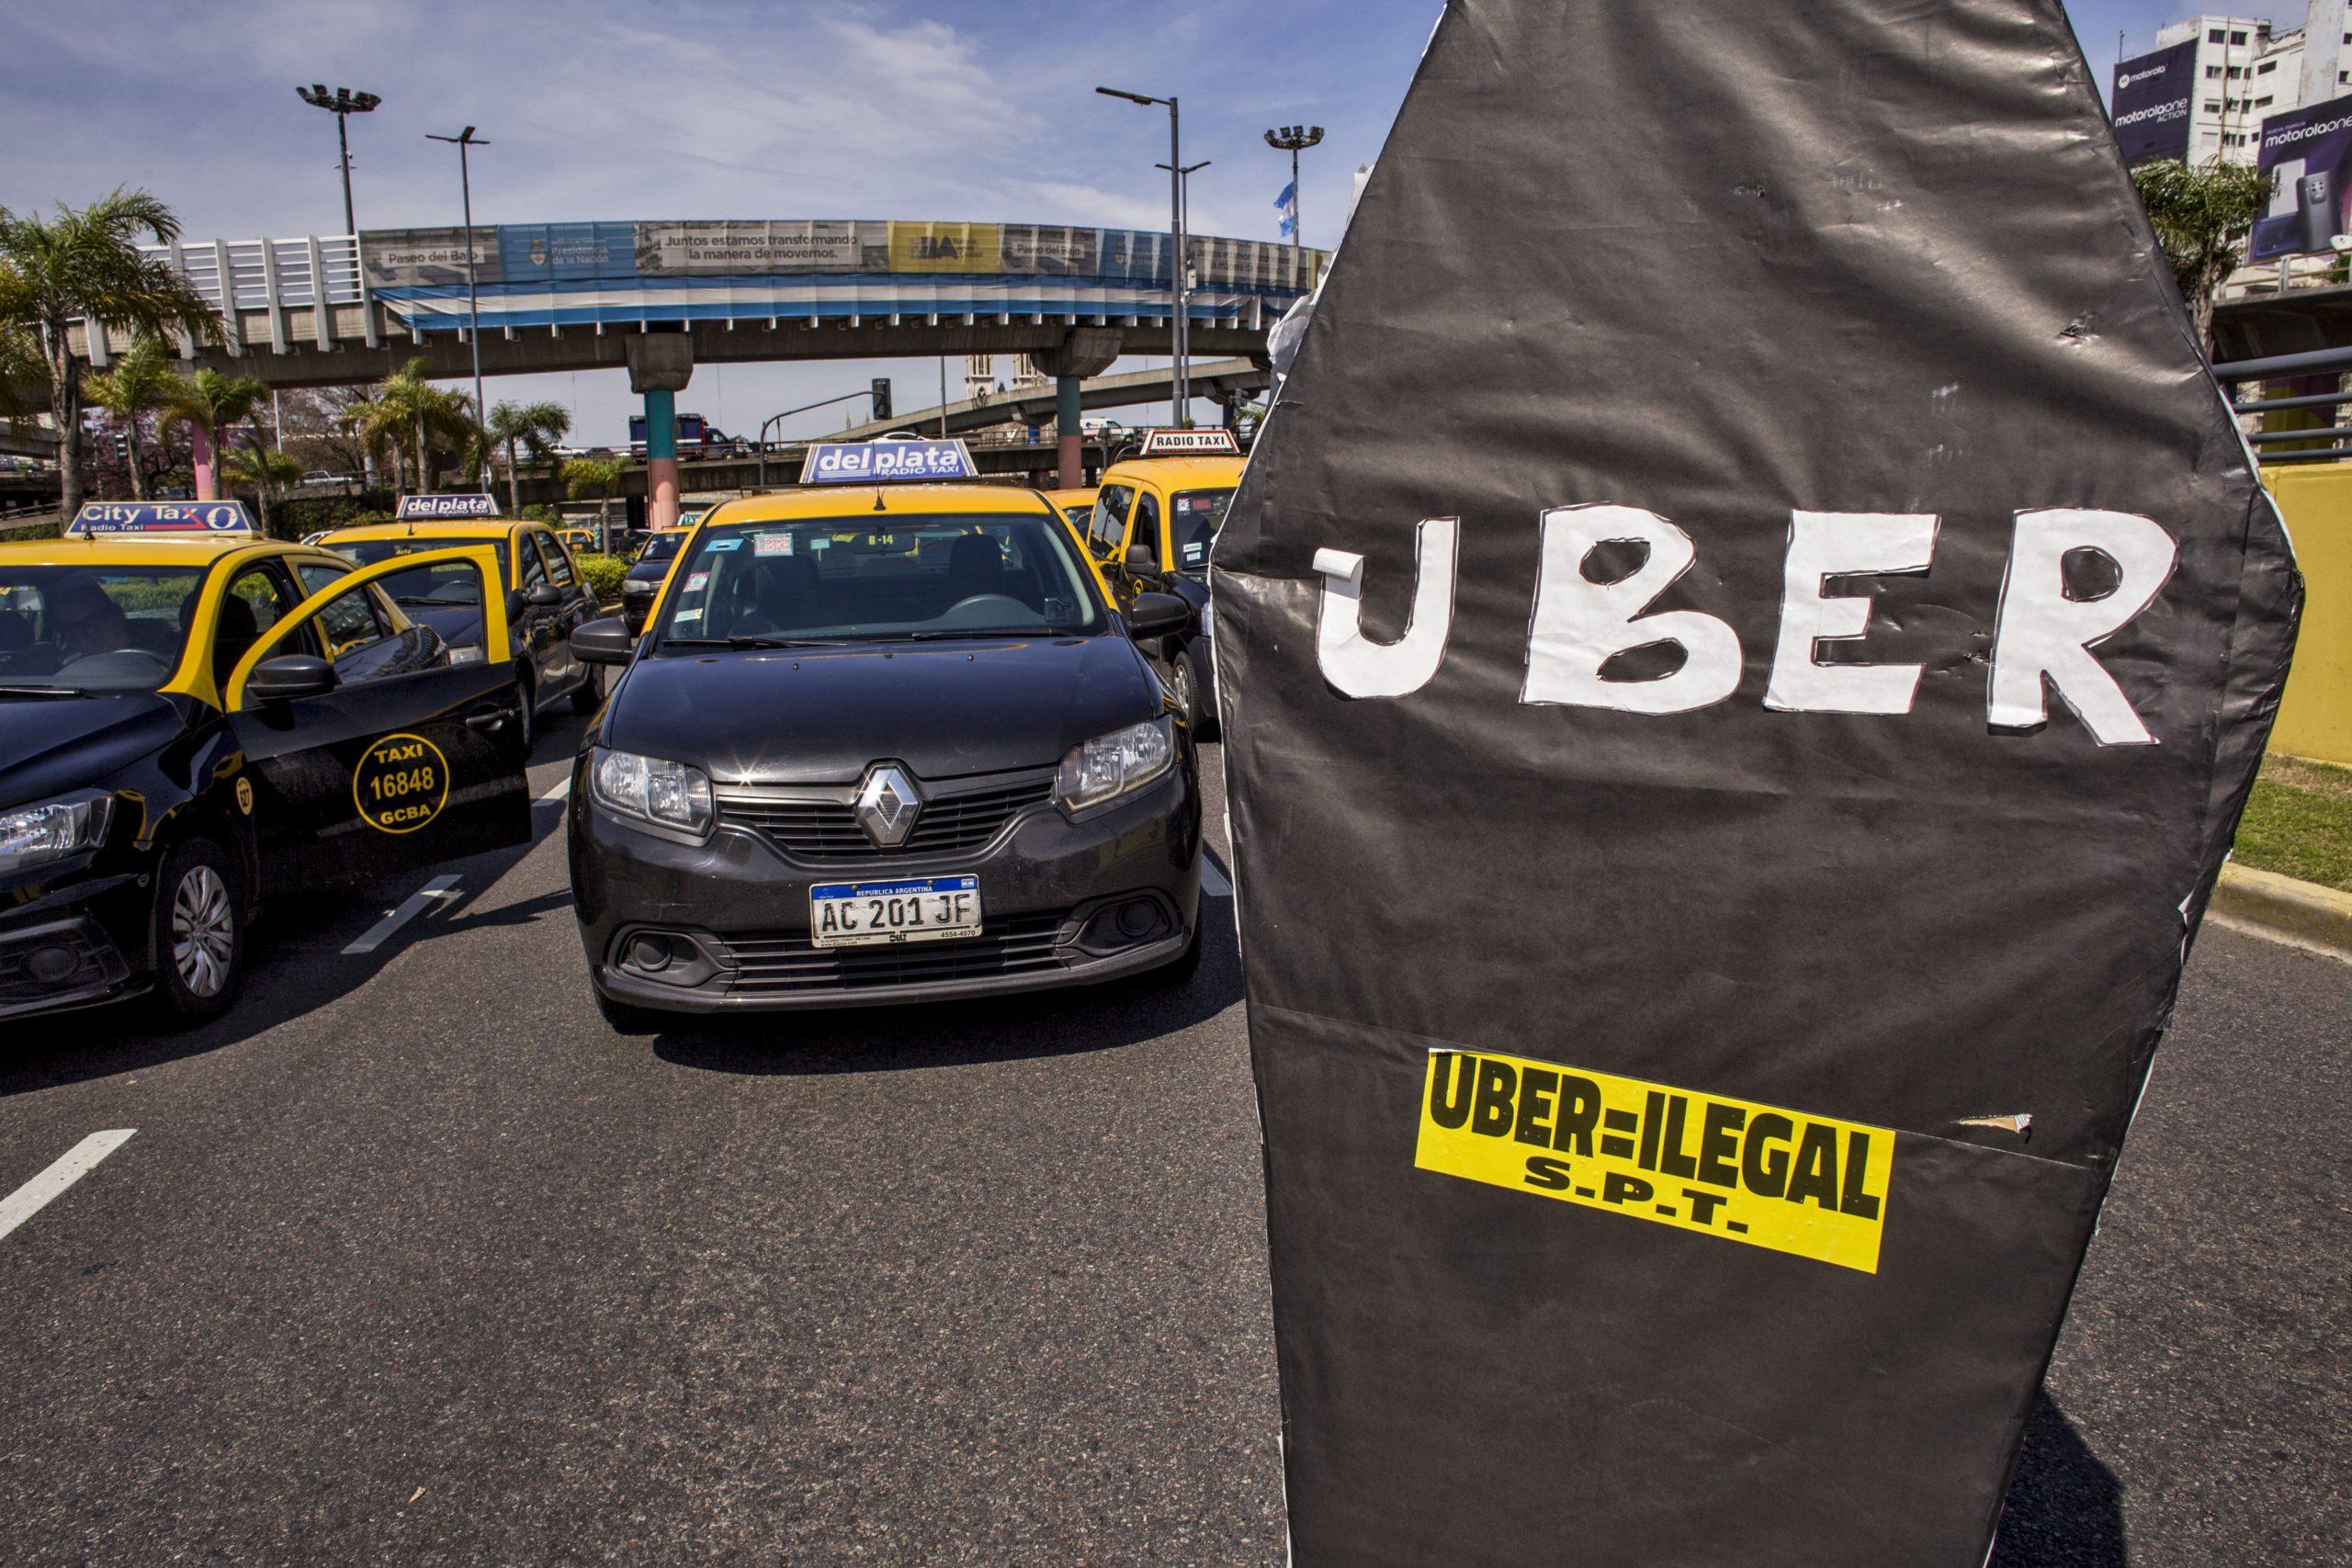 Uber supprime des témoignages d'agressions sexuelles de chauffeurs